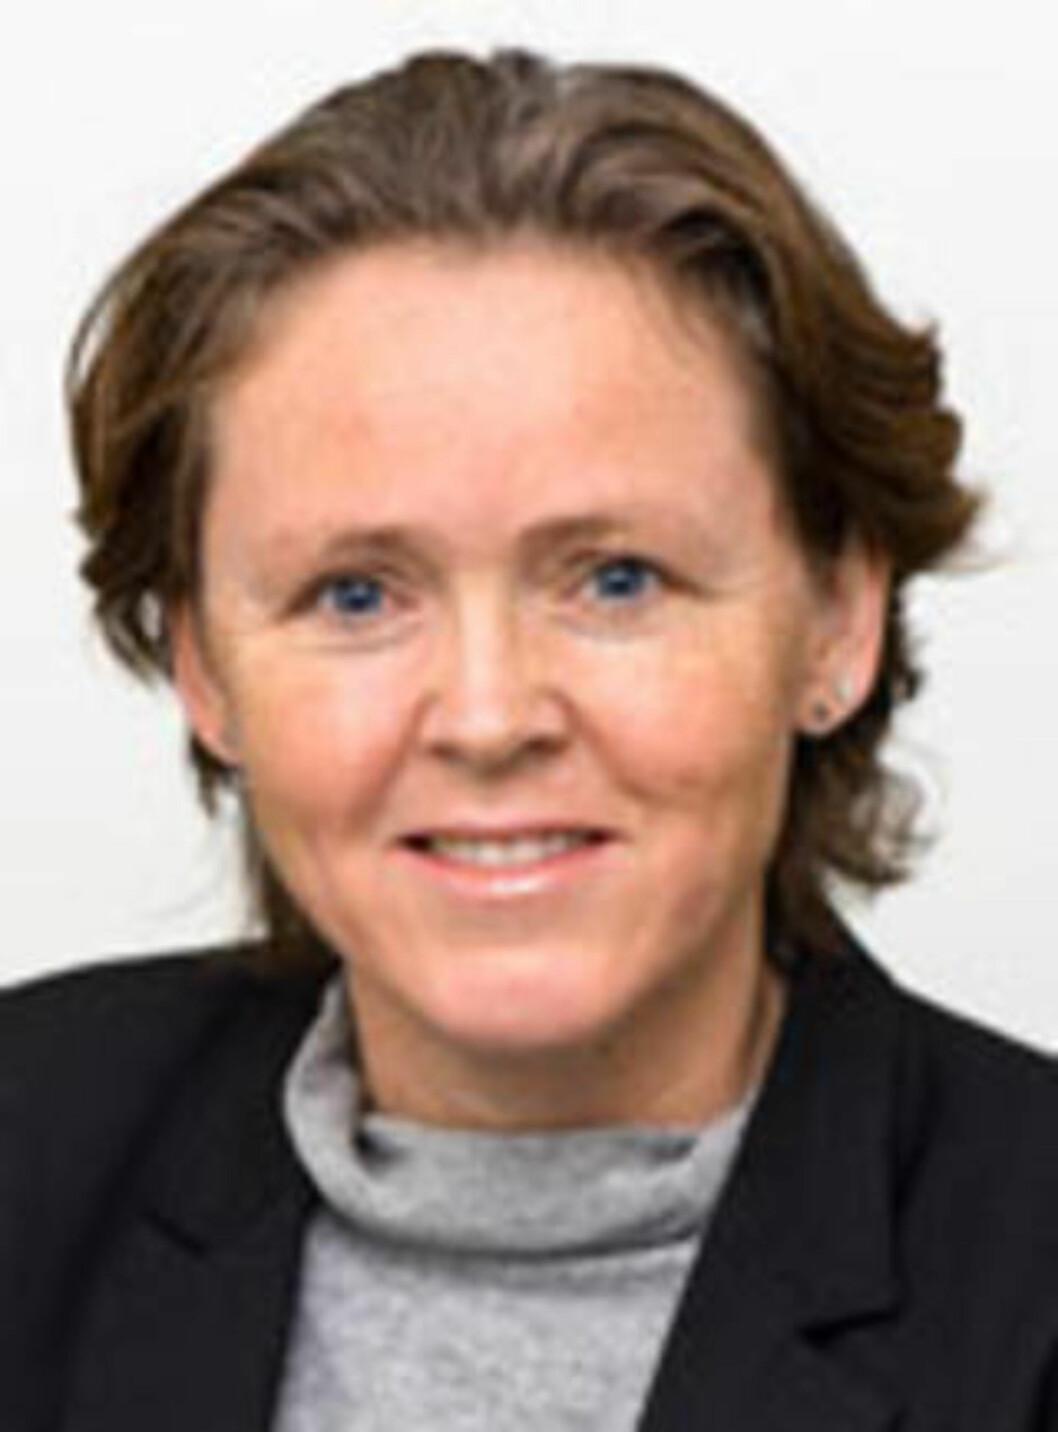 <strong>AVVISER:</strong>  Statssekretær Kristin Bergersen i Justisdepartementet avviser kritikken fra Per Sandberg. Foto: Justisdepartementet